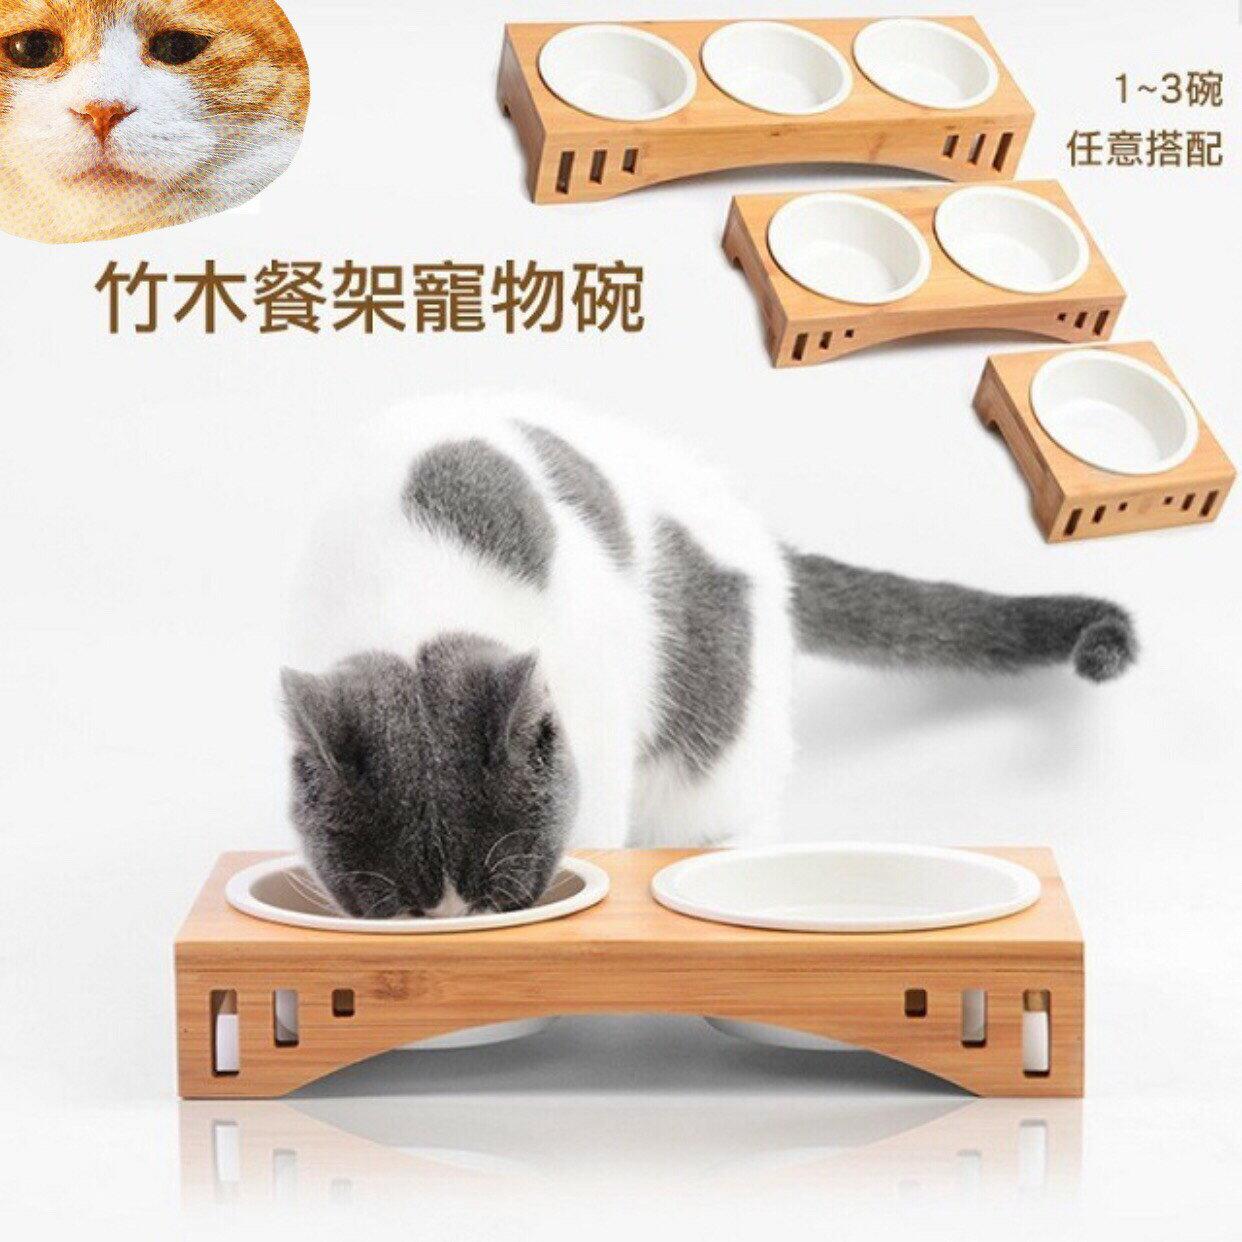 竹木餐架寵物碗組合 寵物碗架 實木貓碗 貓奴必備 寵物碗 竹木碗 貓碗 狗碗 食盆 雙碗 三碗